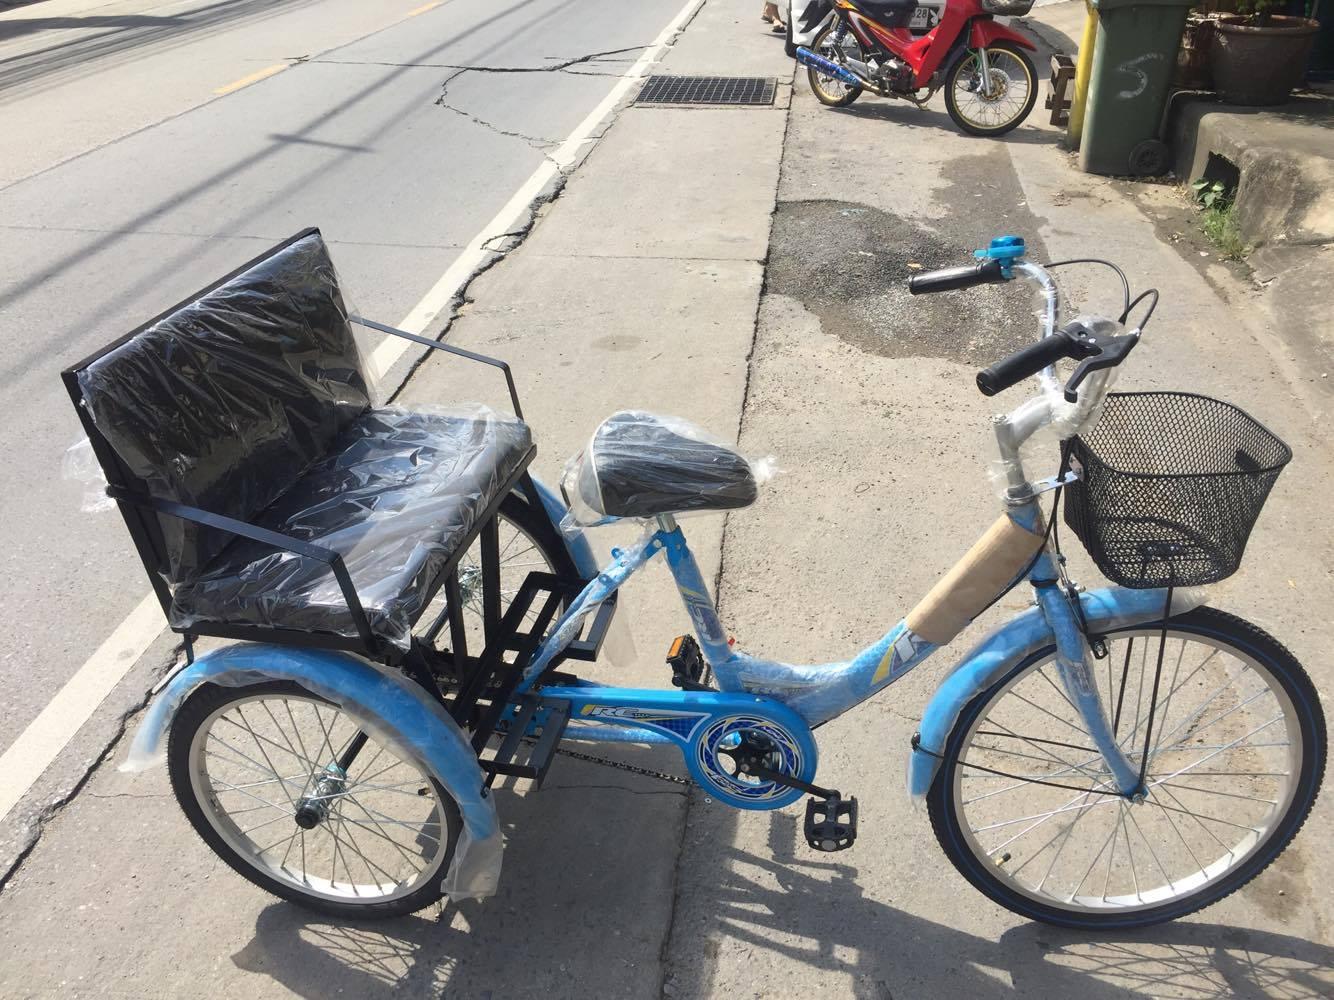 จักรยานสามล้อ รหัสสินค้าTCG 0029